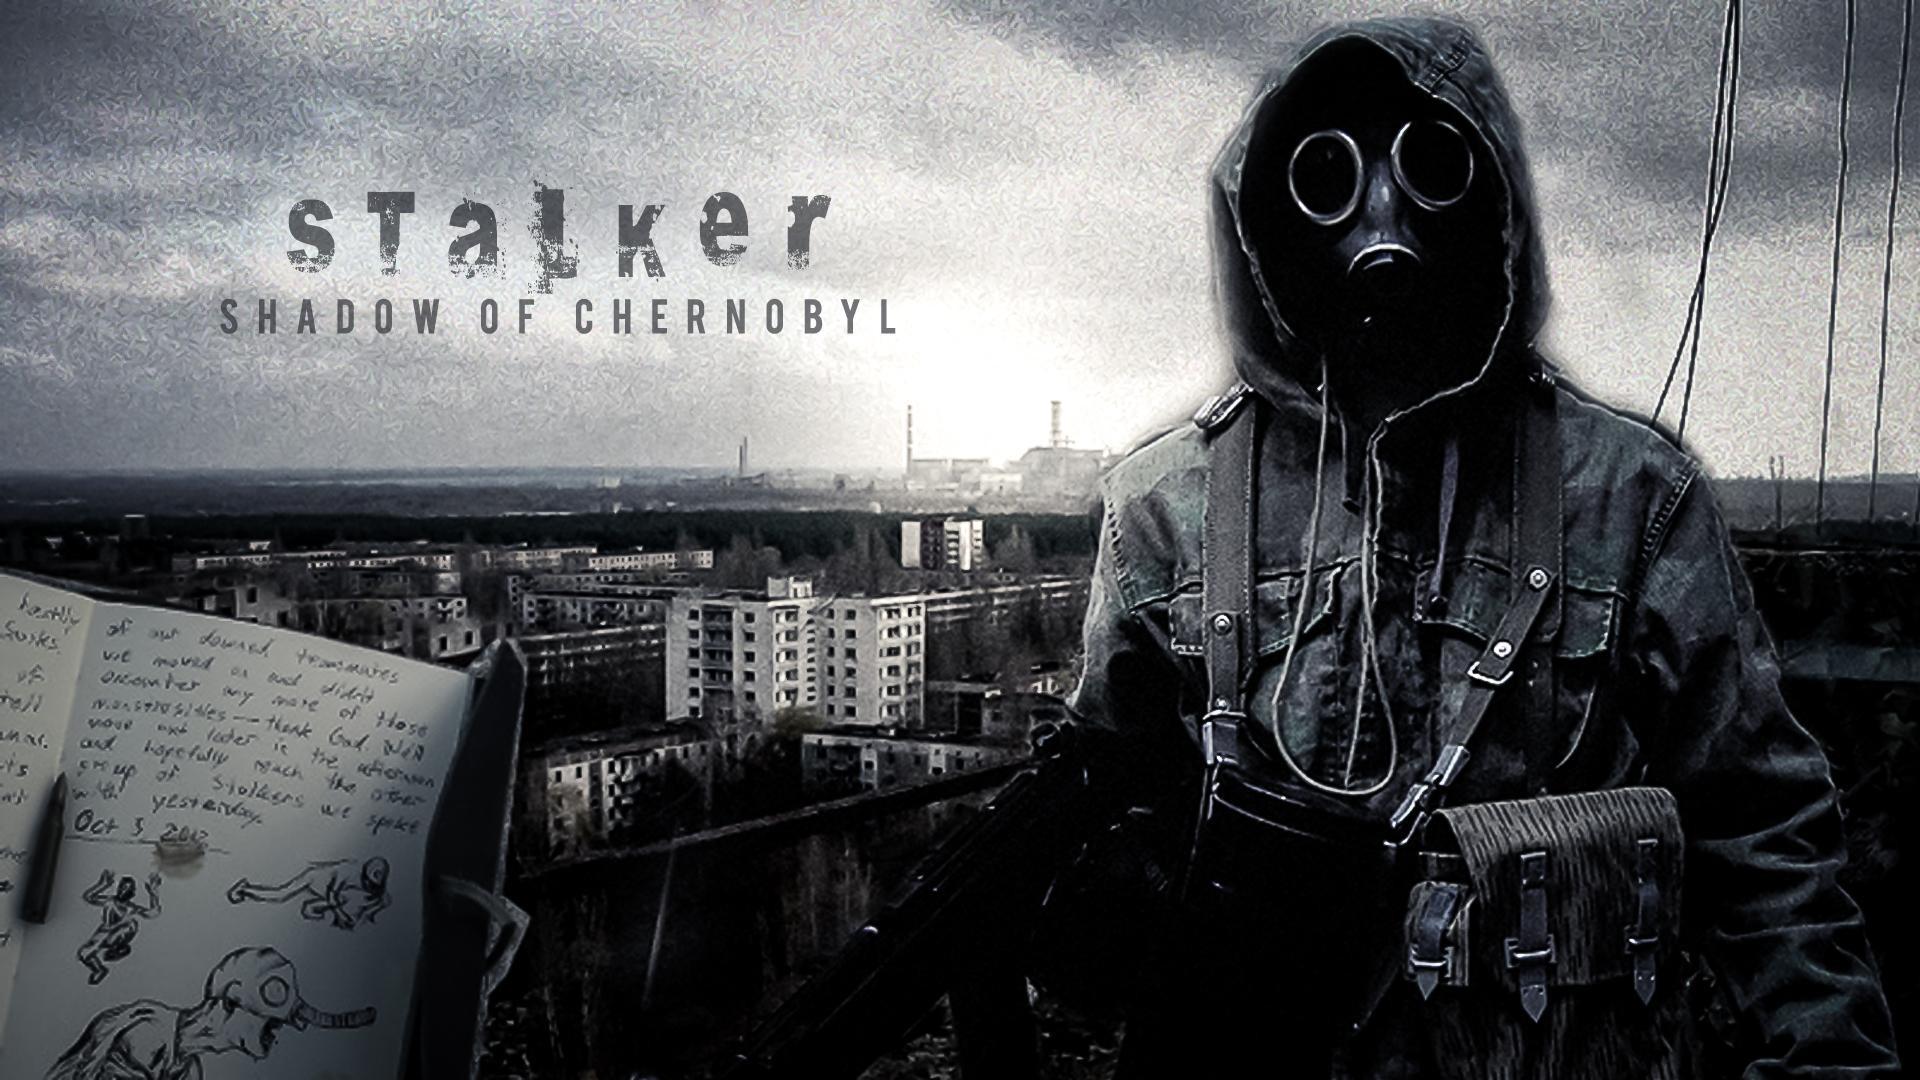 Stalker Shadow Of Chernobyl Wallpaper Wallpapertag